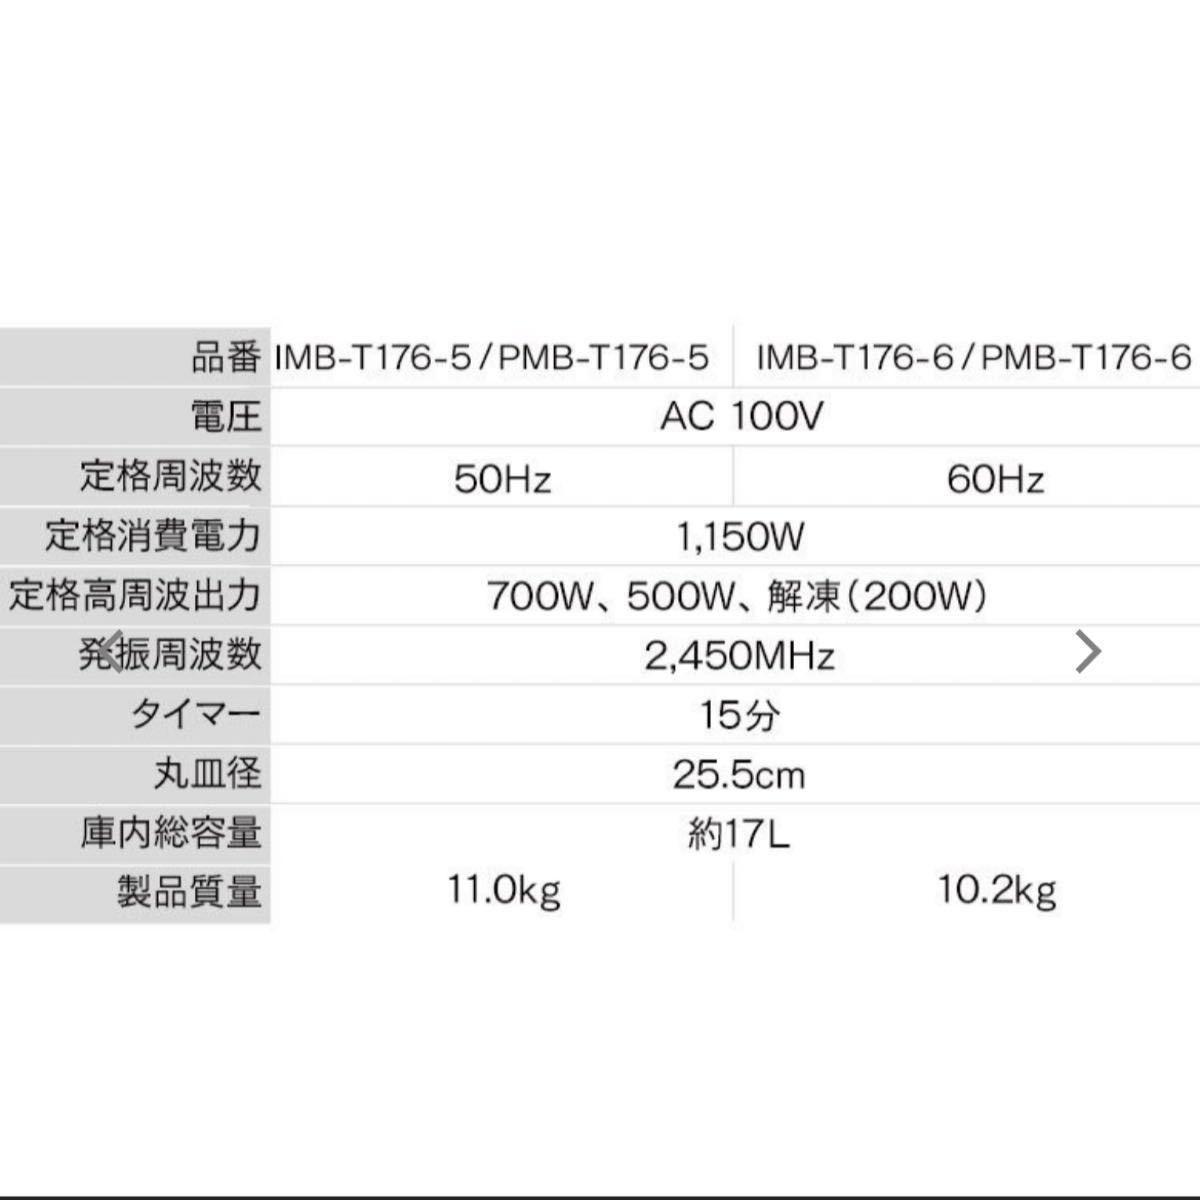 【新品未開封!】電子レンジ 一人暮らし アイリスオーヤマ レンジ シンプル 17L おしゃれ ブラック PMB-T IMB-T